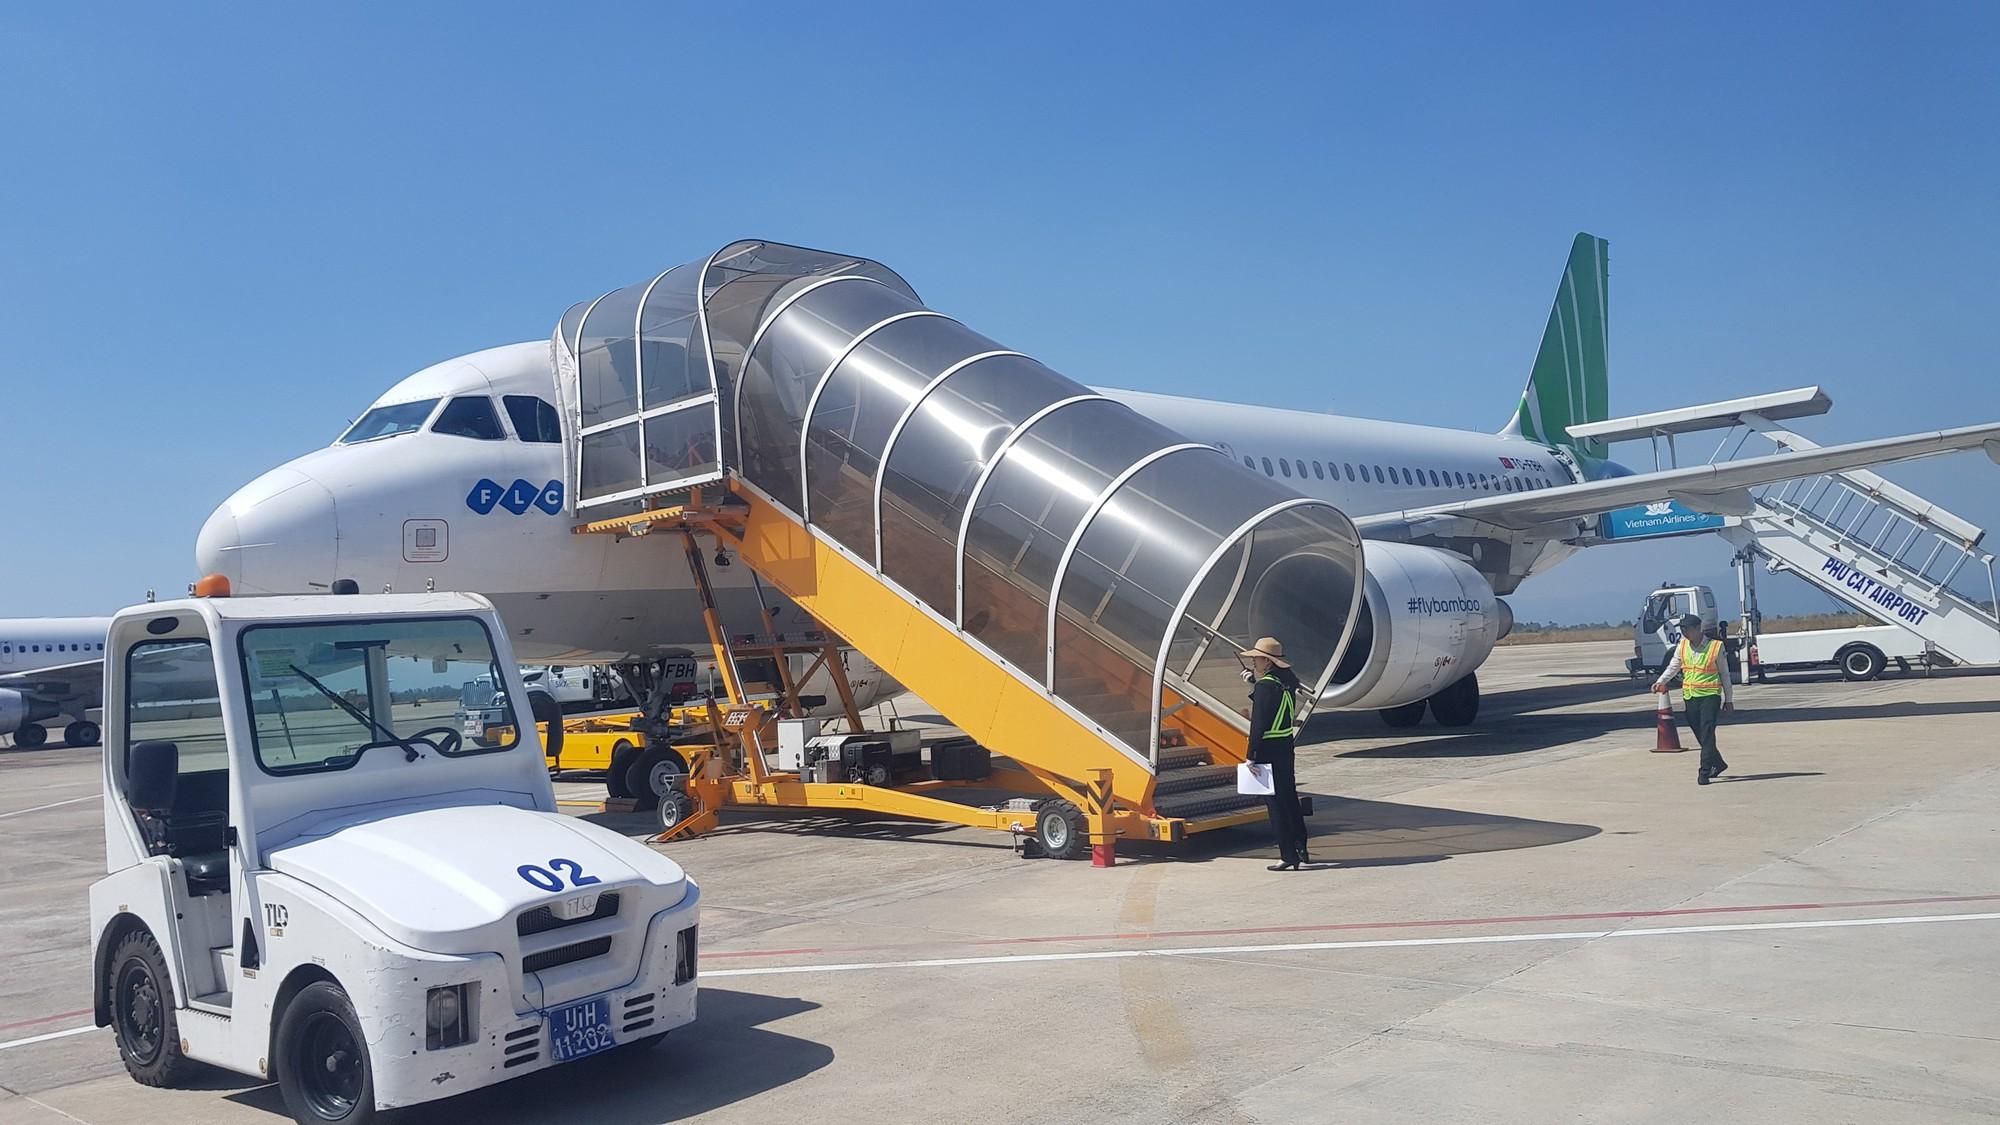 Cấp lại giấy phép kinh doanh vận chuyển hàng không của Bamboo Airways - Ảnh 1.